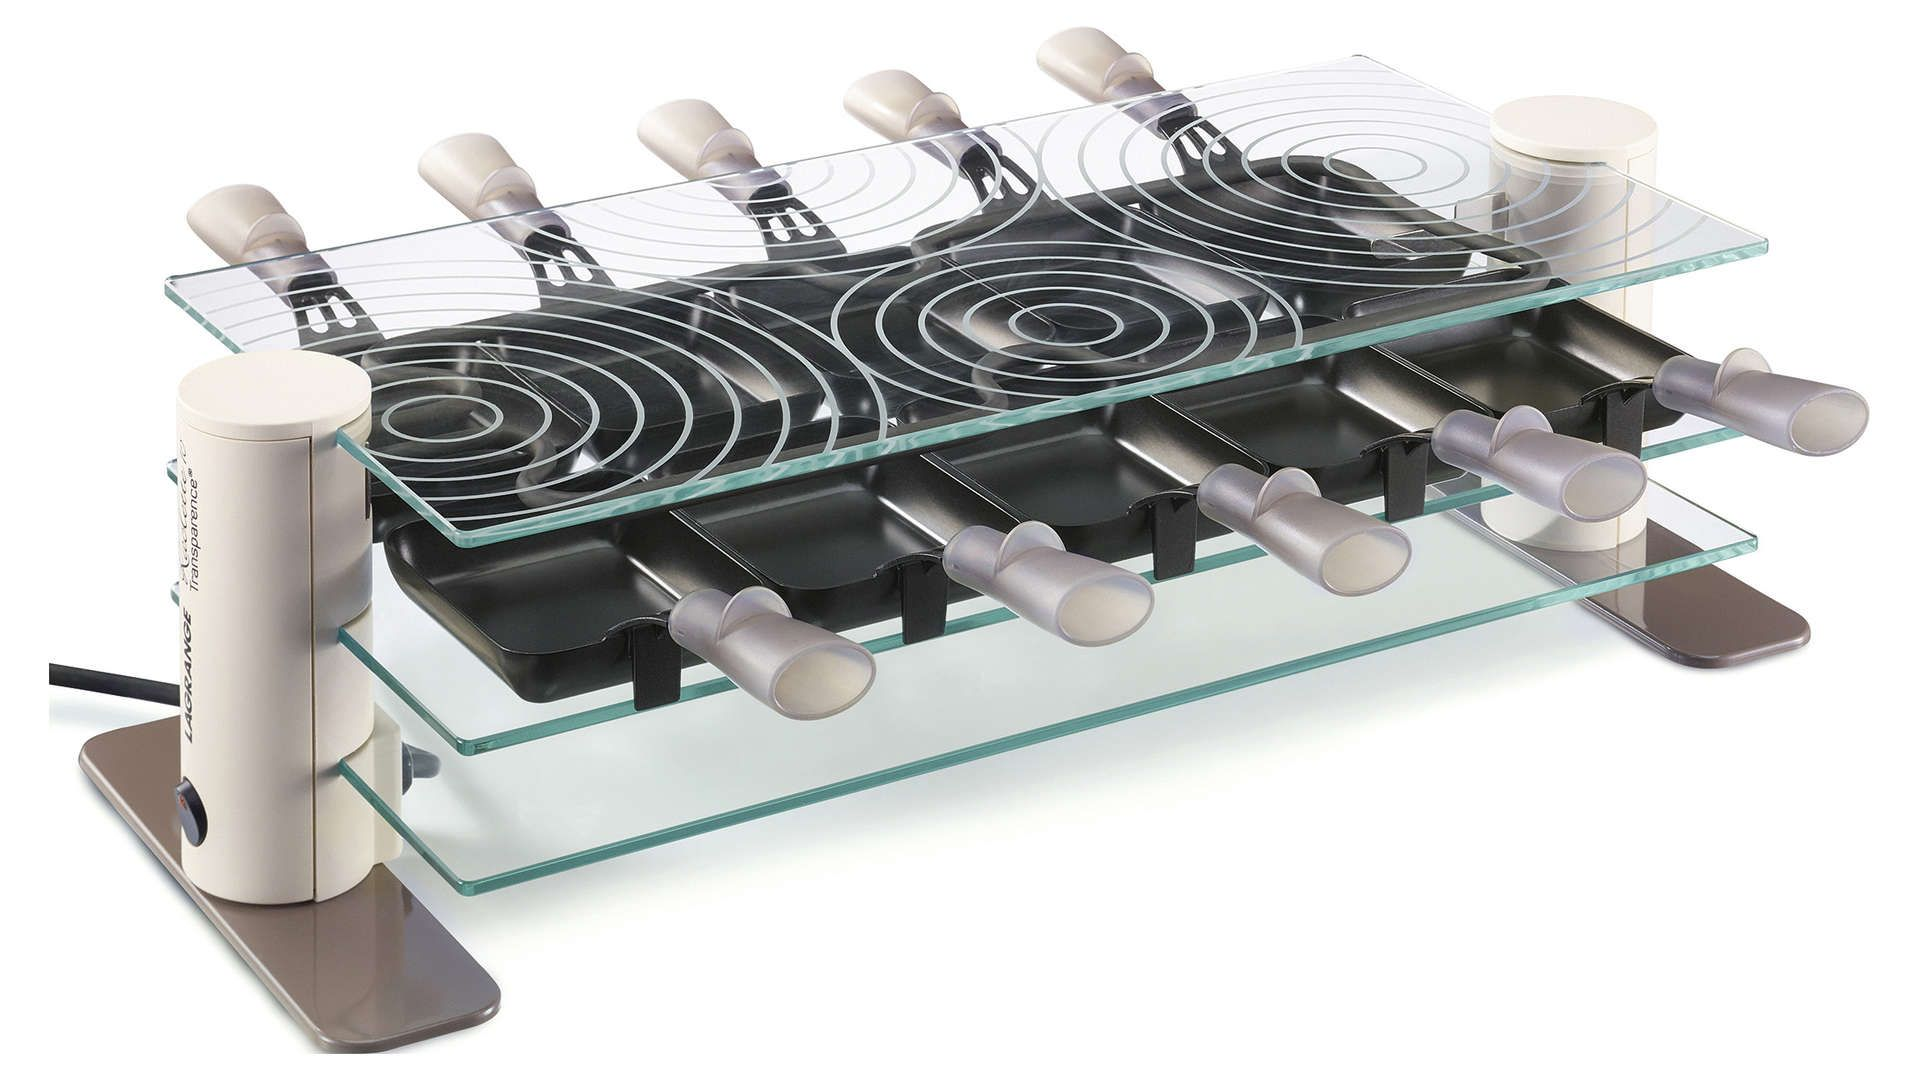 Raclette 10 Personnes Lagrange 009 904 Electromenager Cuisine Appareil De Cuisson Petit Electromenager